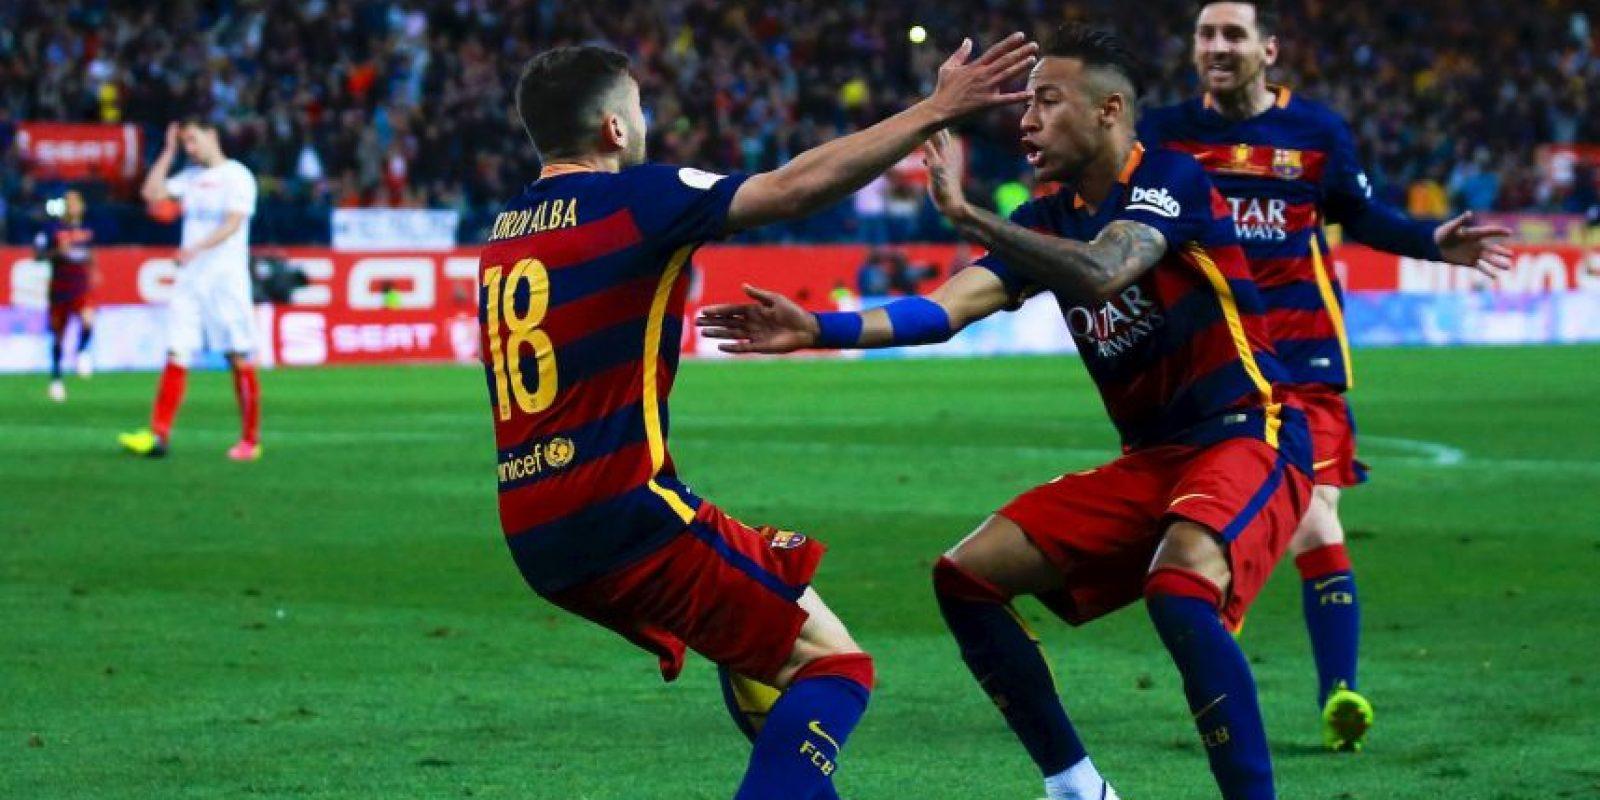 El delantero se ha convertido en pieza fundamental de Barcelona Foto:Getty Images